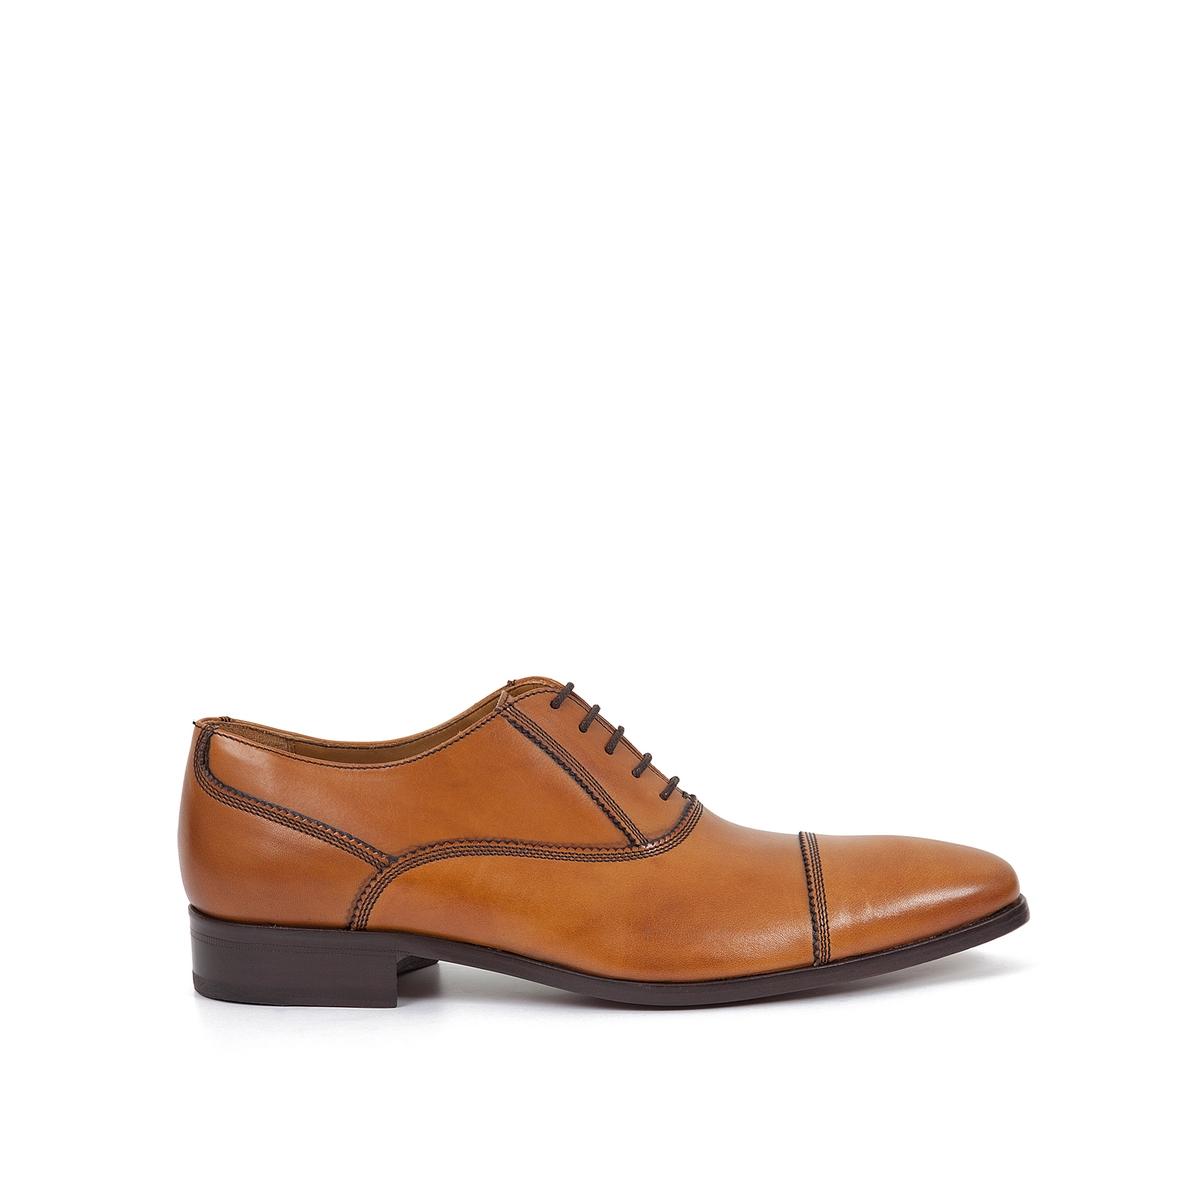 Ботинки-оксфорды кожаные Elophe ботинки оксфорды кожаные prangley walk